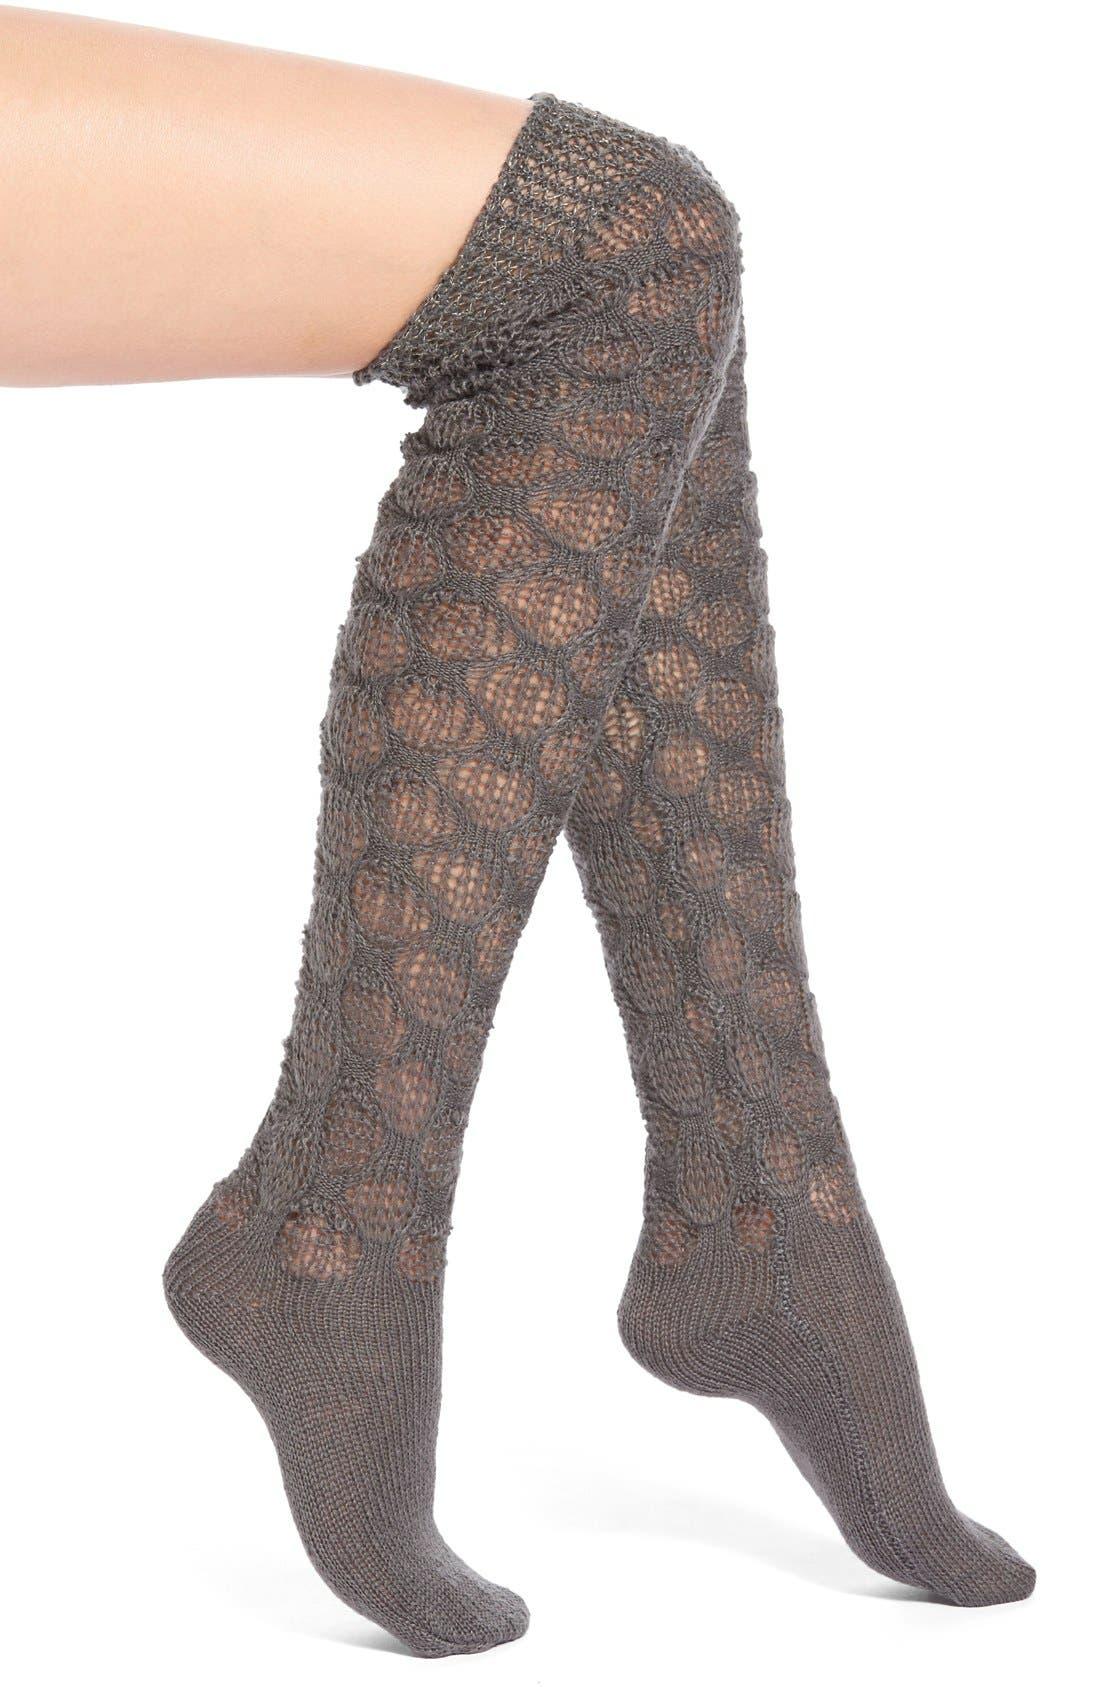 Alternate Image 1 Selected - Lemon 'Frosted' Crochet Over the Knee Socks